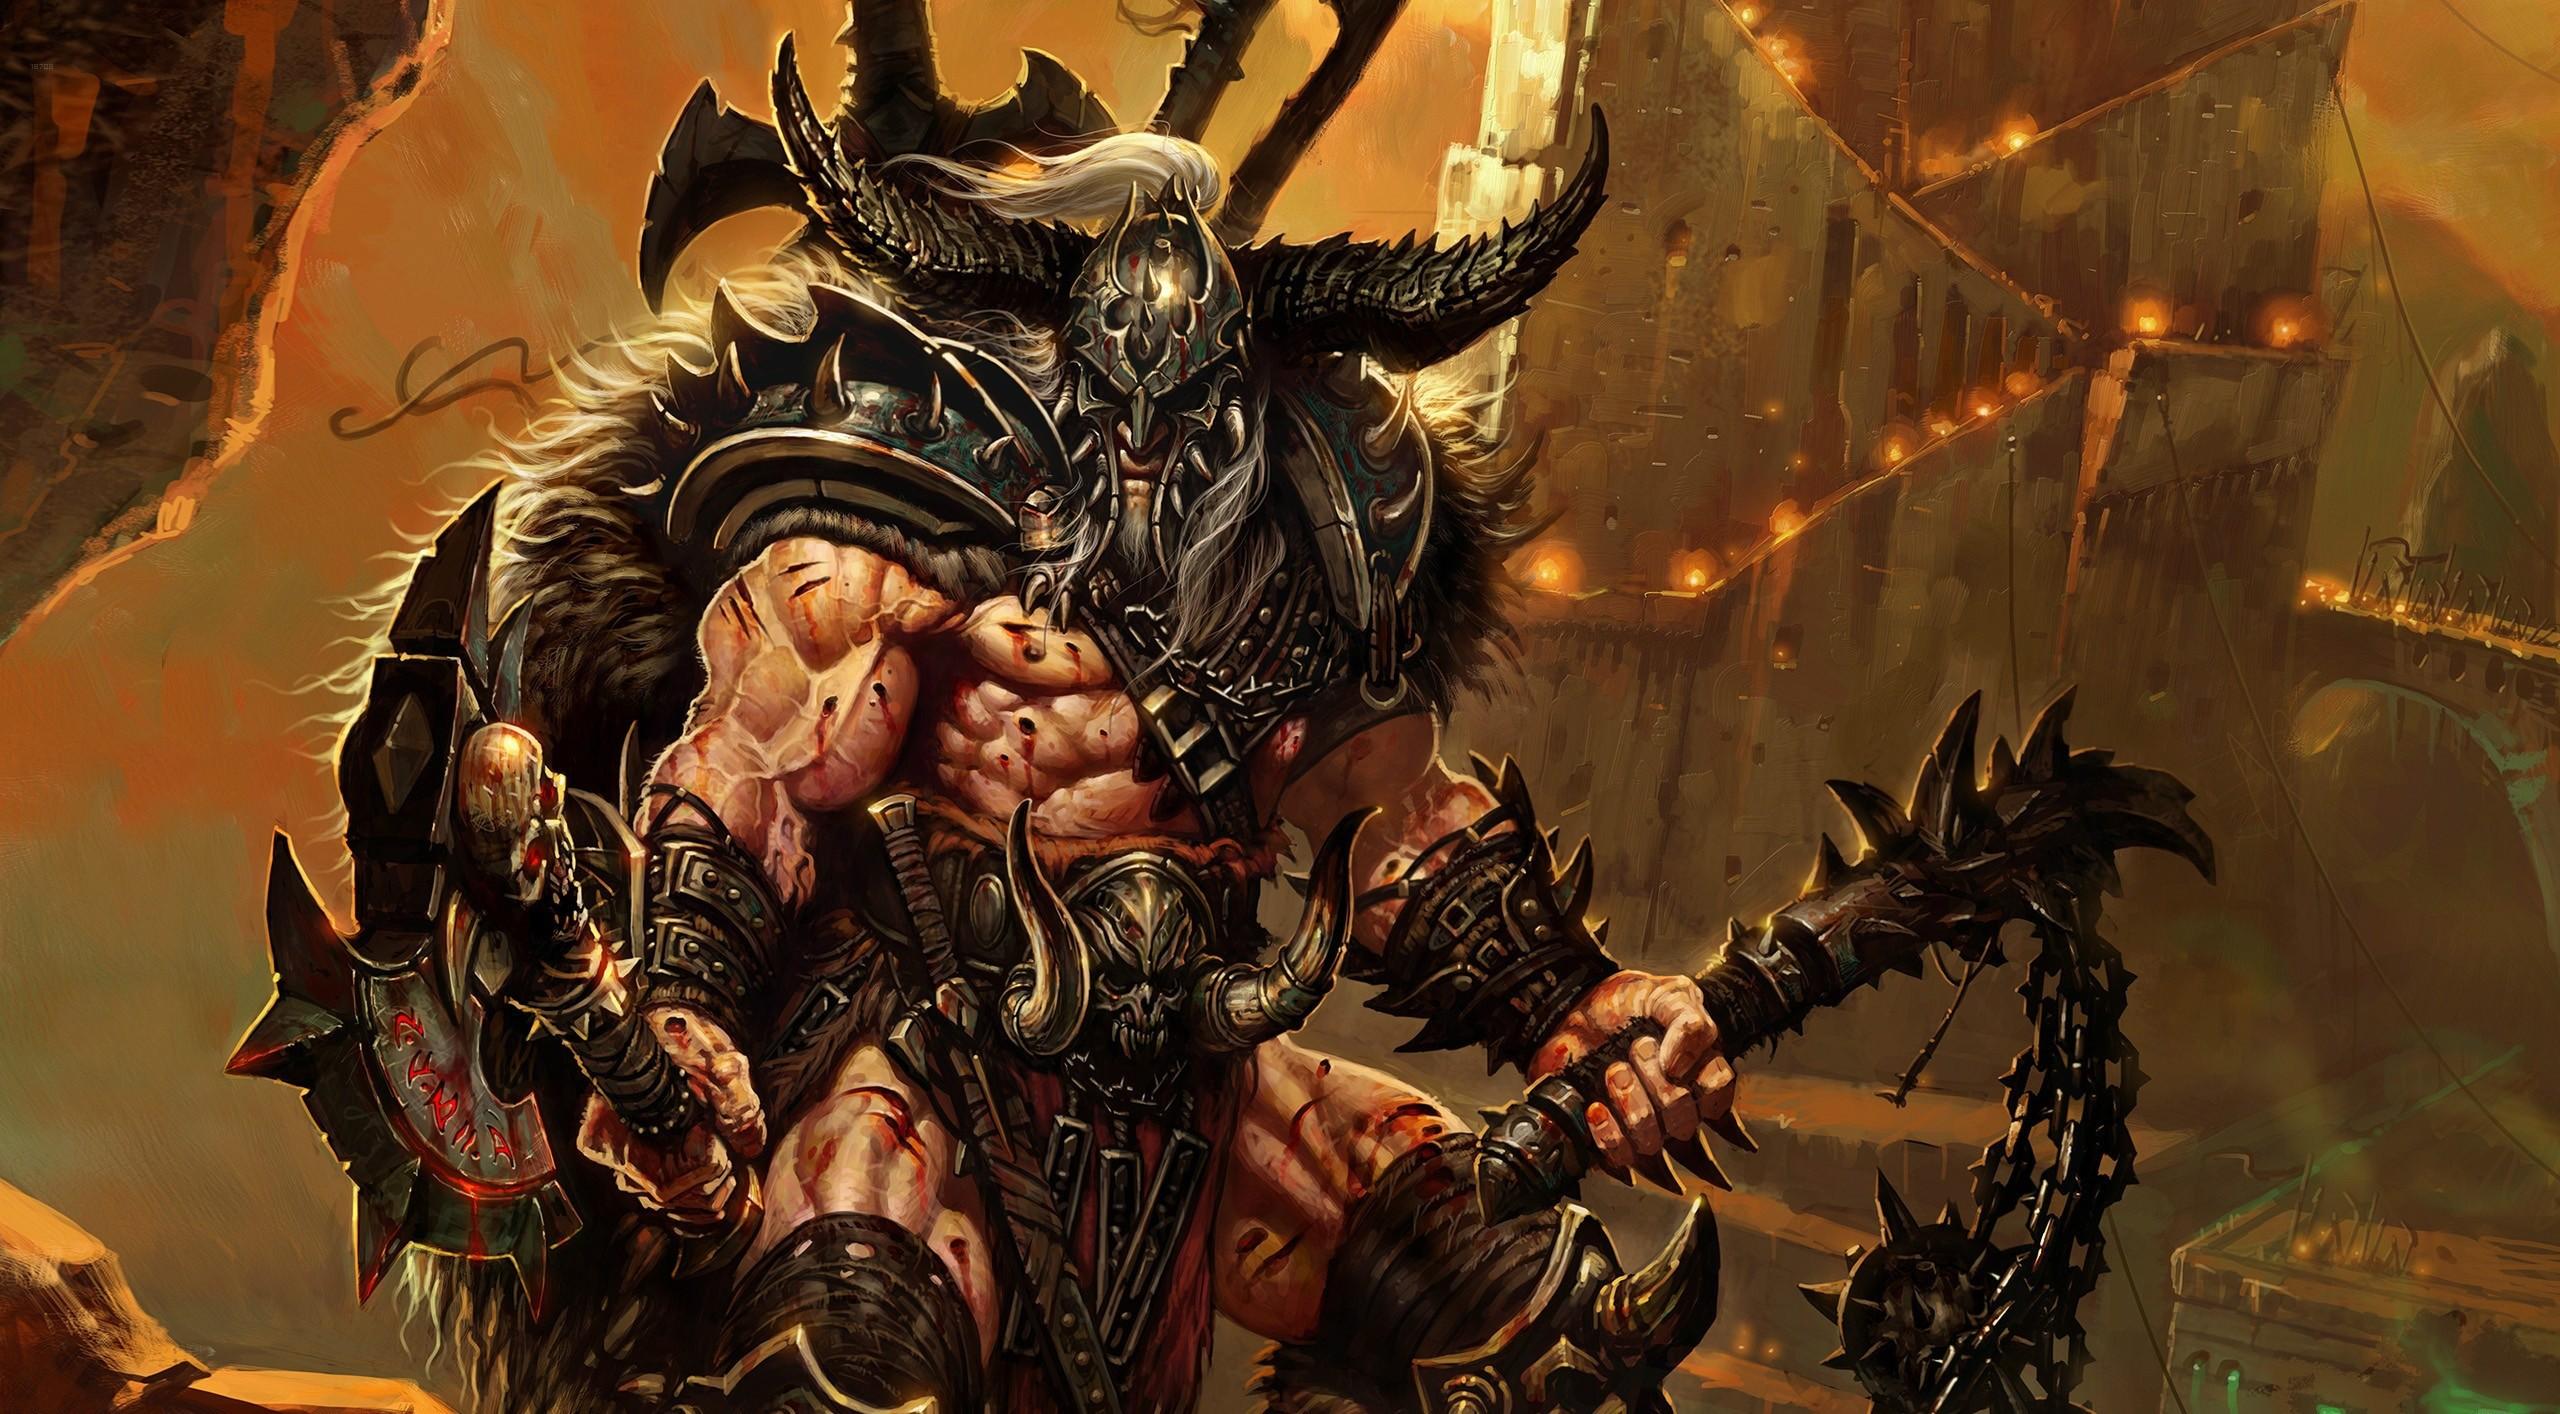 Diablo 3 Barbarian Wallpaper 81 Images